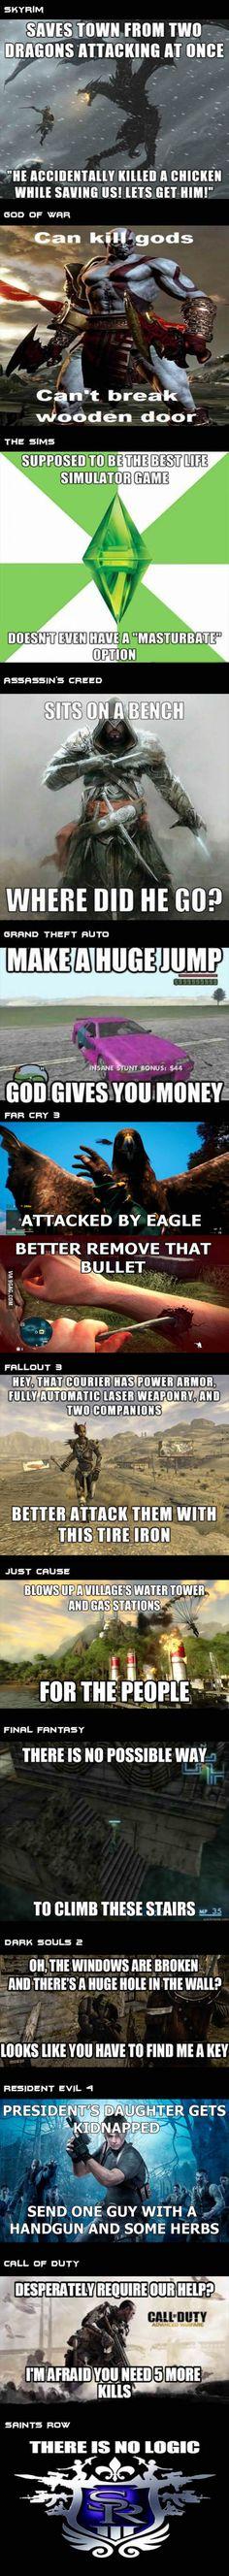 Game logic in nutshell...